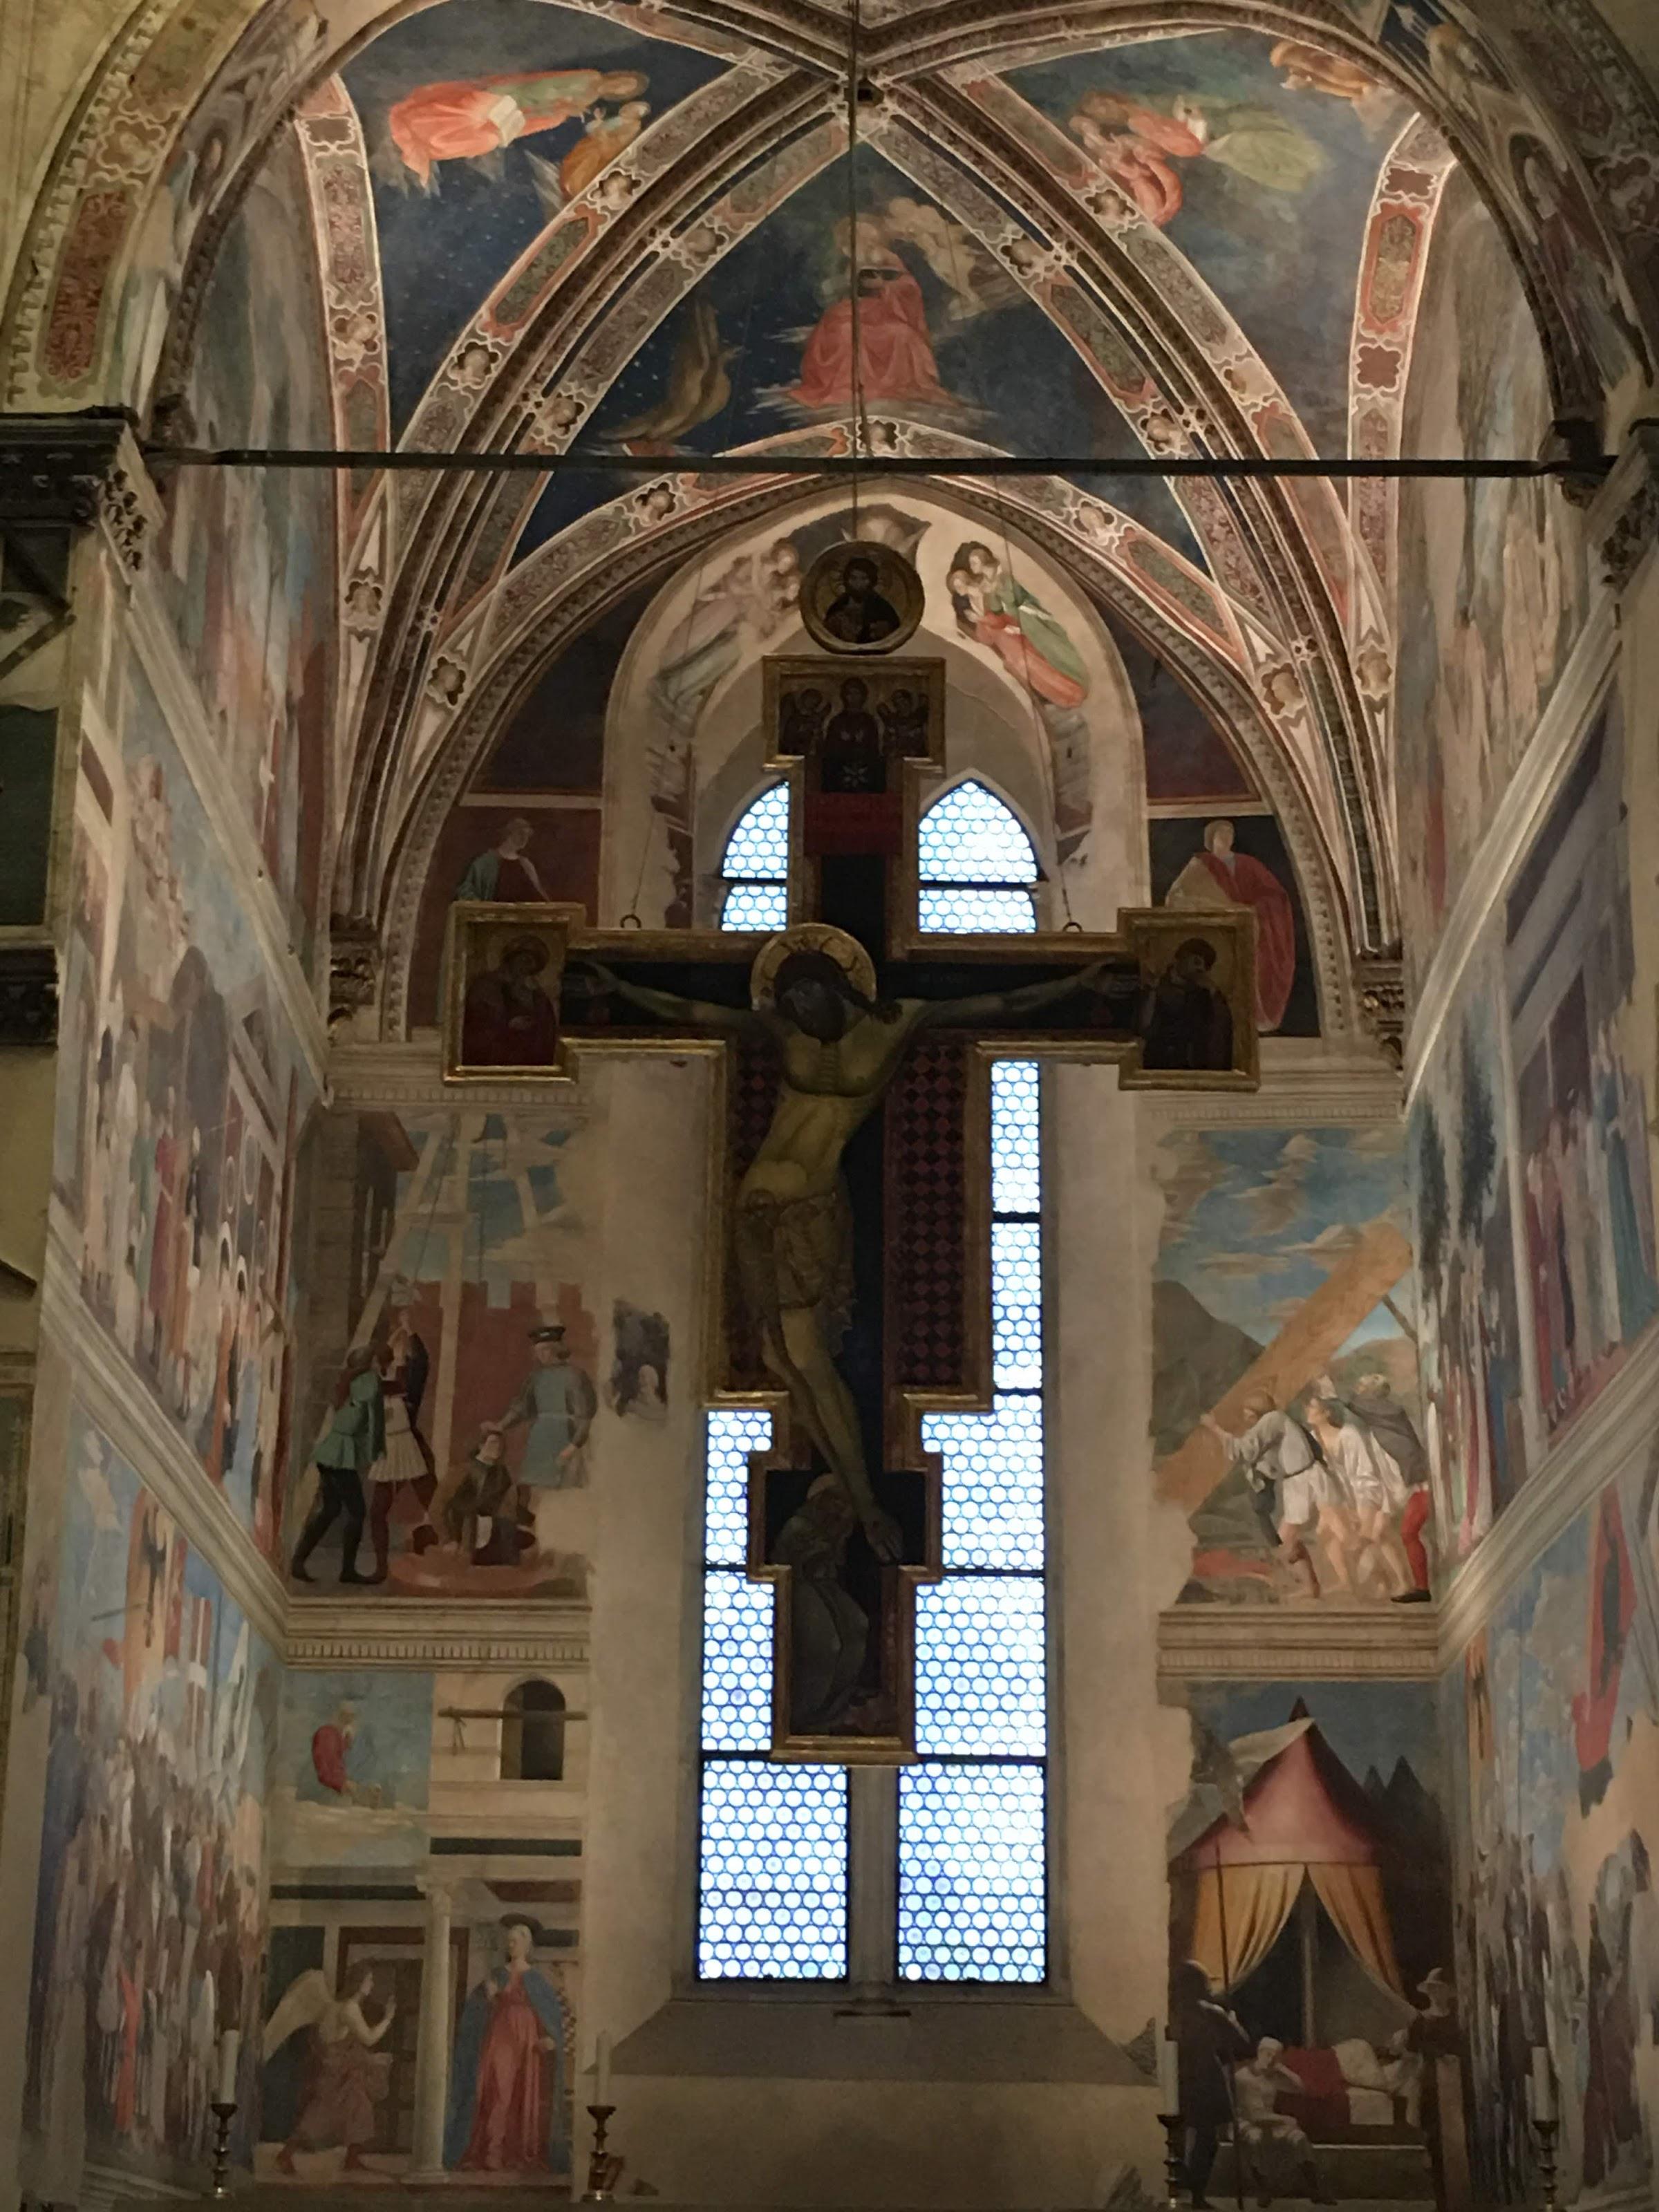 Le Storie della Vera Croce di Piero della Francesca, Capella Bacci nella Basilica di San Francesco, Arezzo